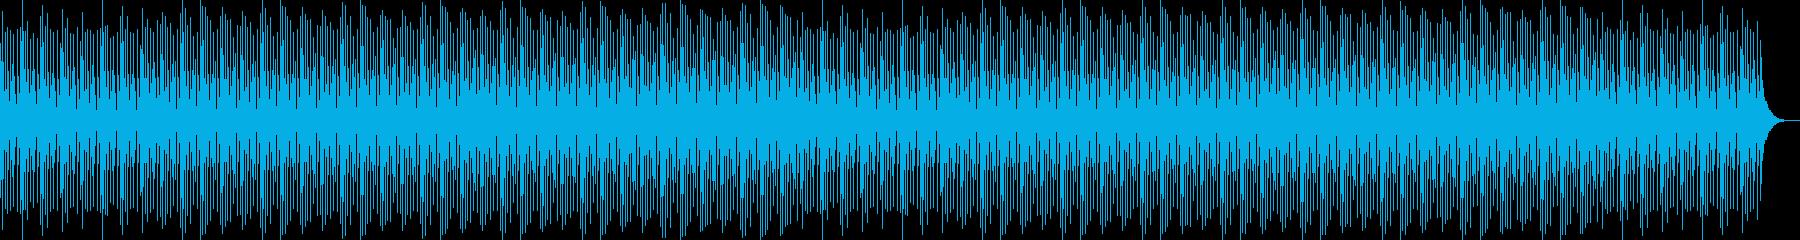 ウキウキ・会社紹介・楽しい・軽やかの再生済みの波形